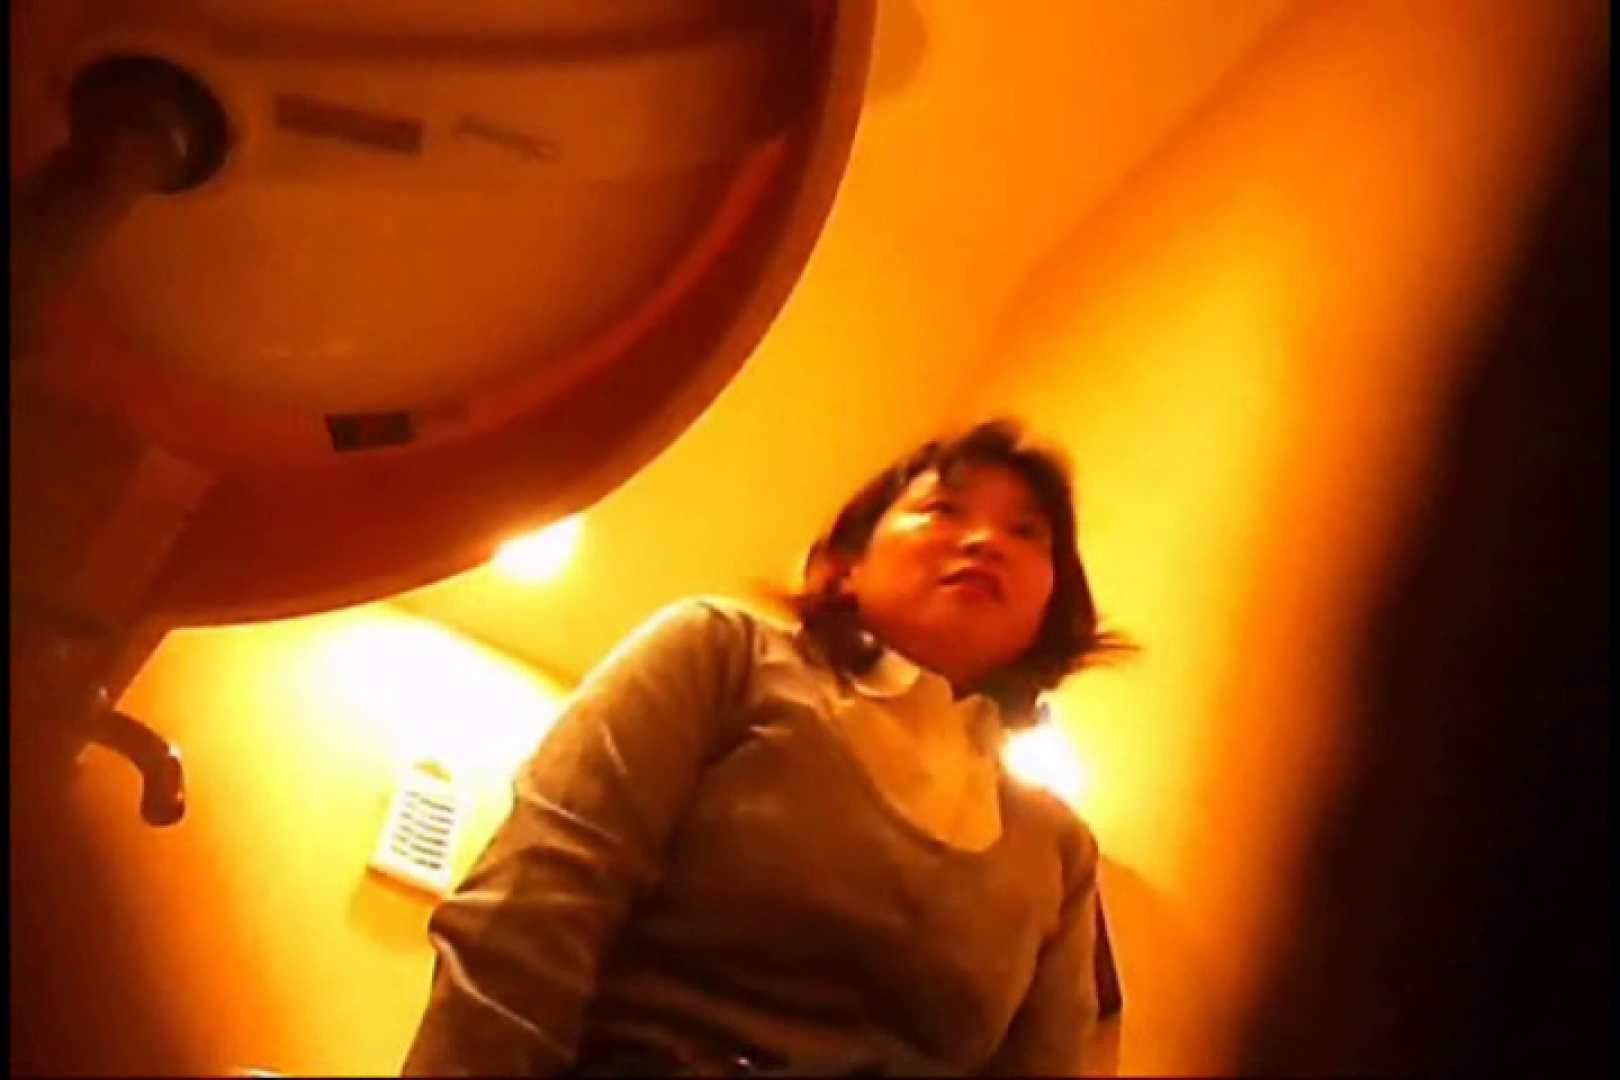 画質向上!新亀さん厠 vol.75 オマンコ特別編 オマンコ無修正動画無料 56枚 10